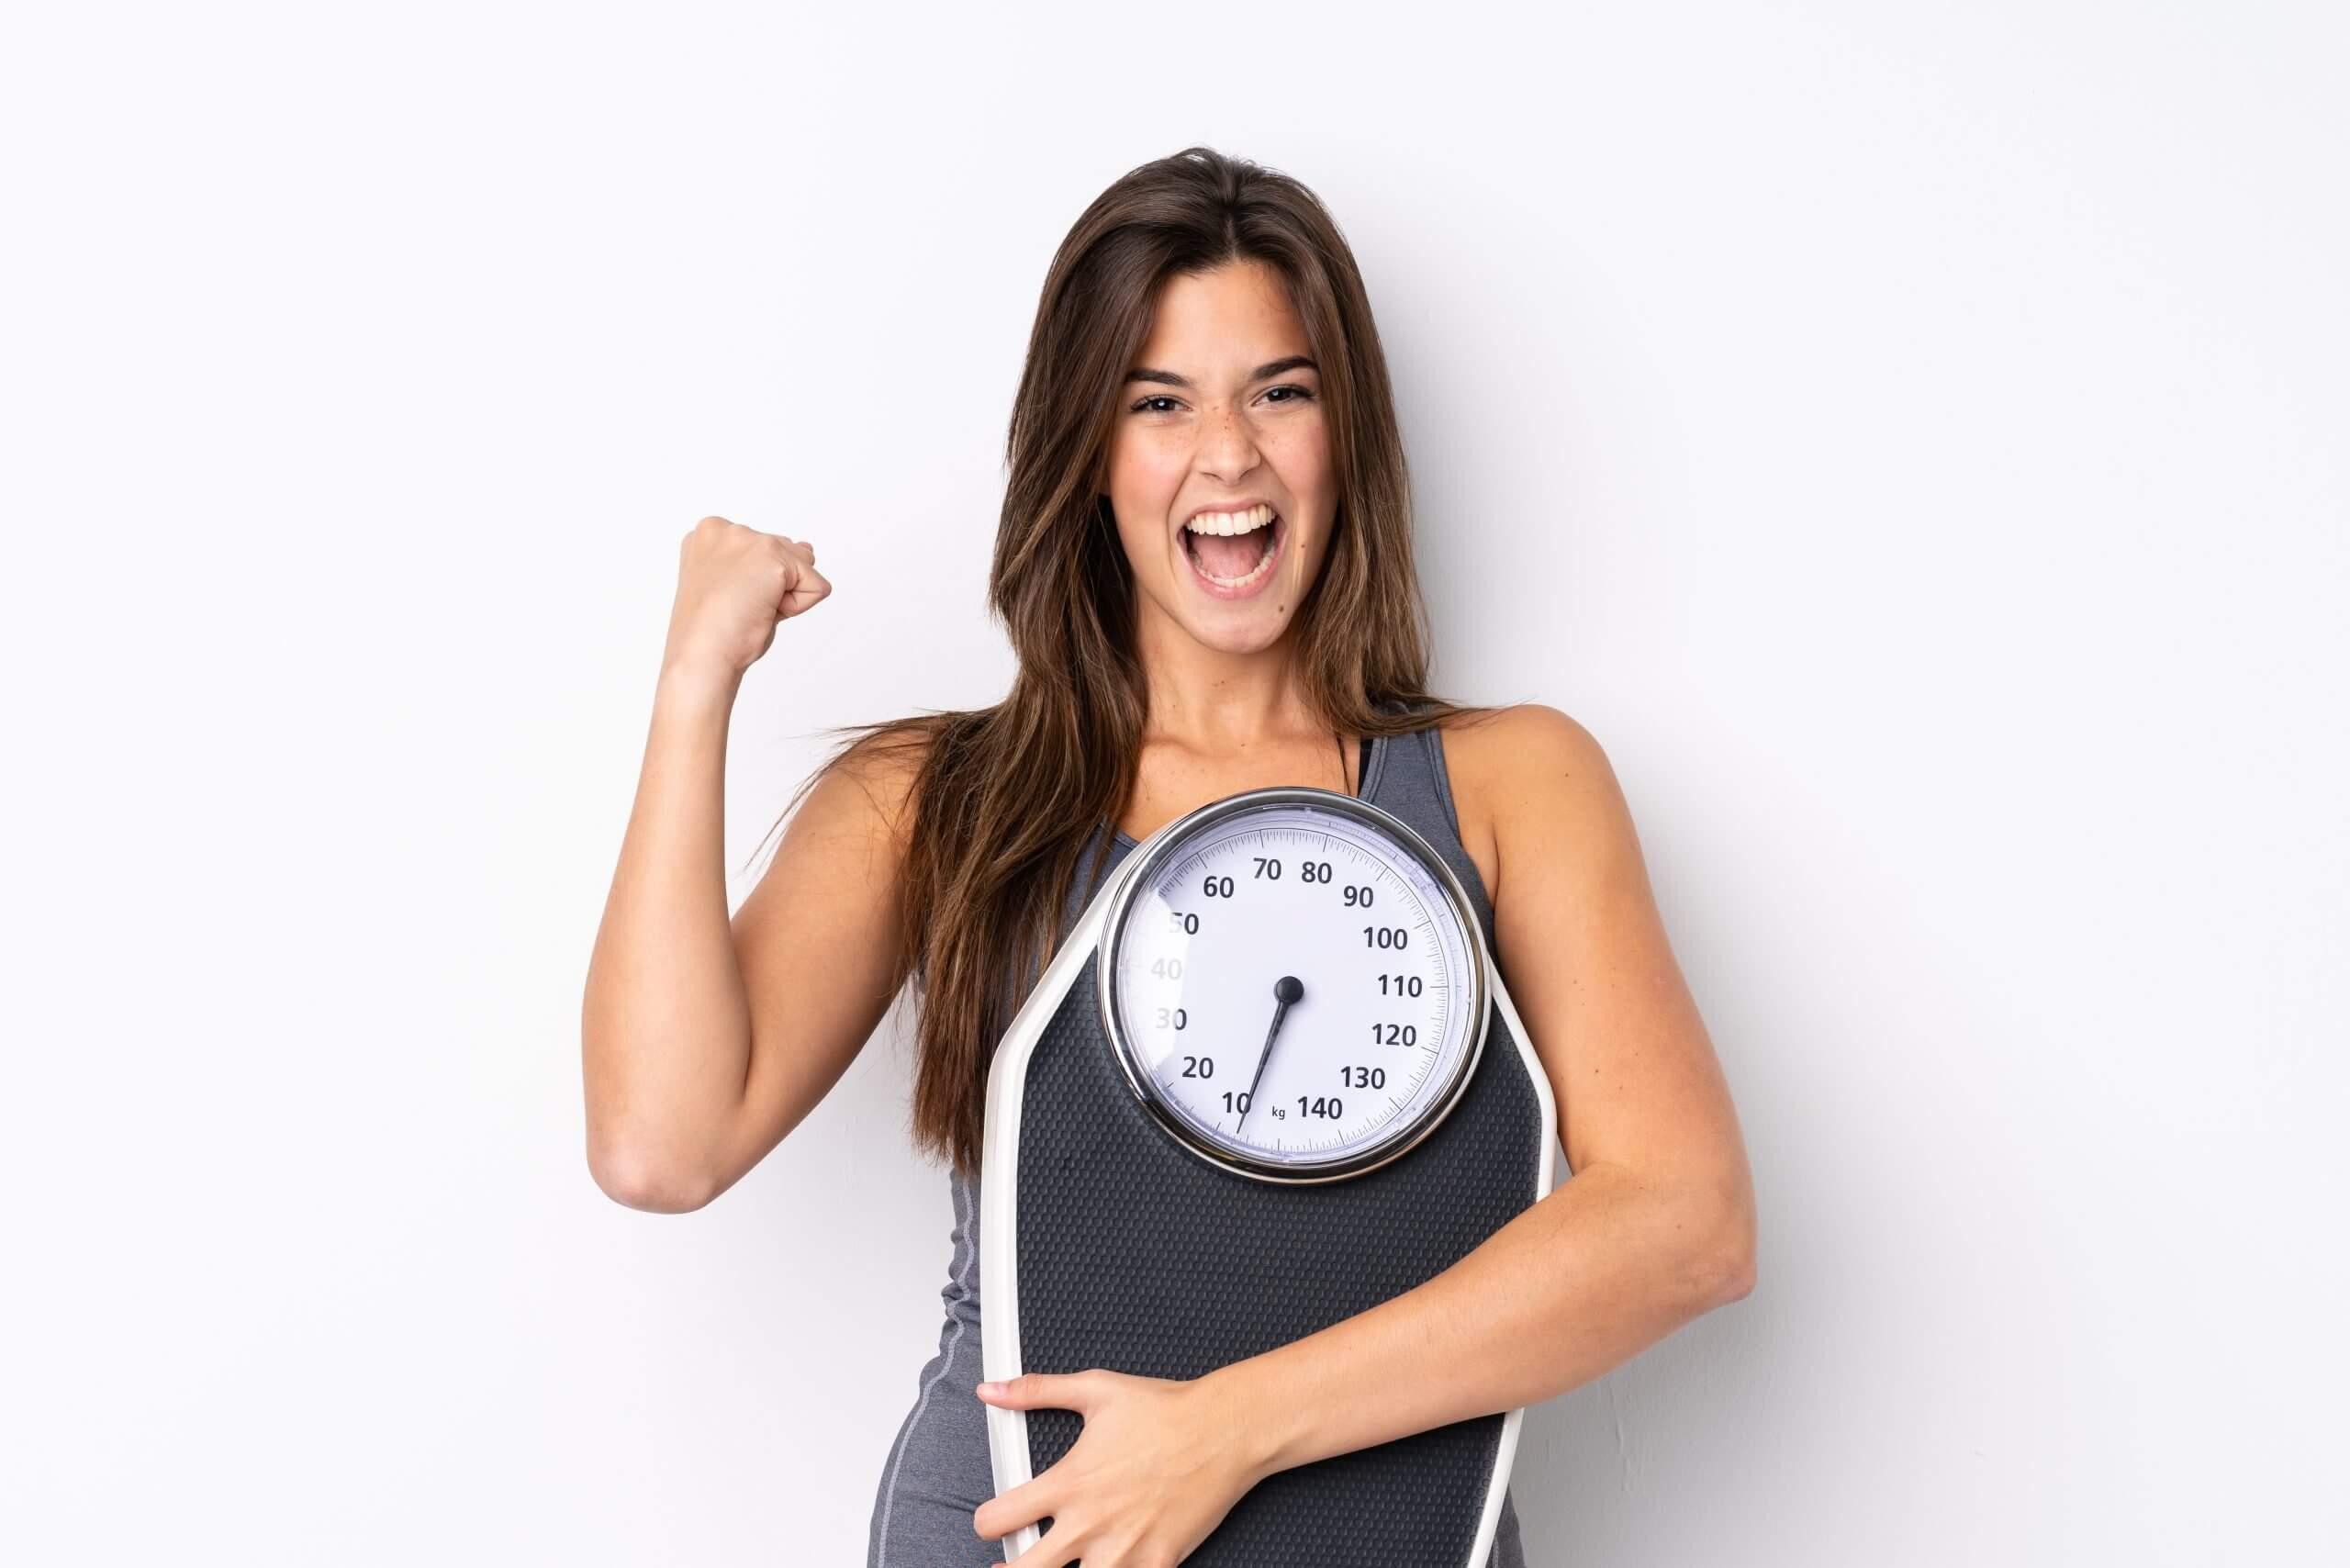 婕樂纖營養師教你這5招有效管理體重